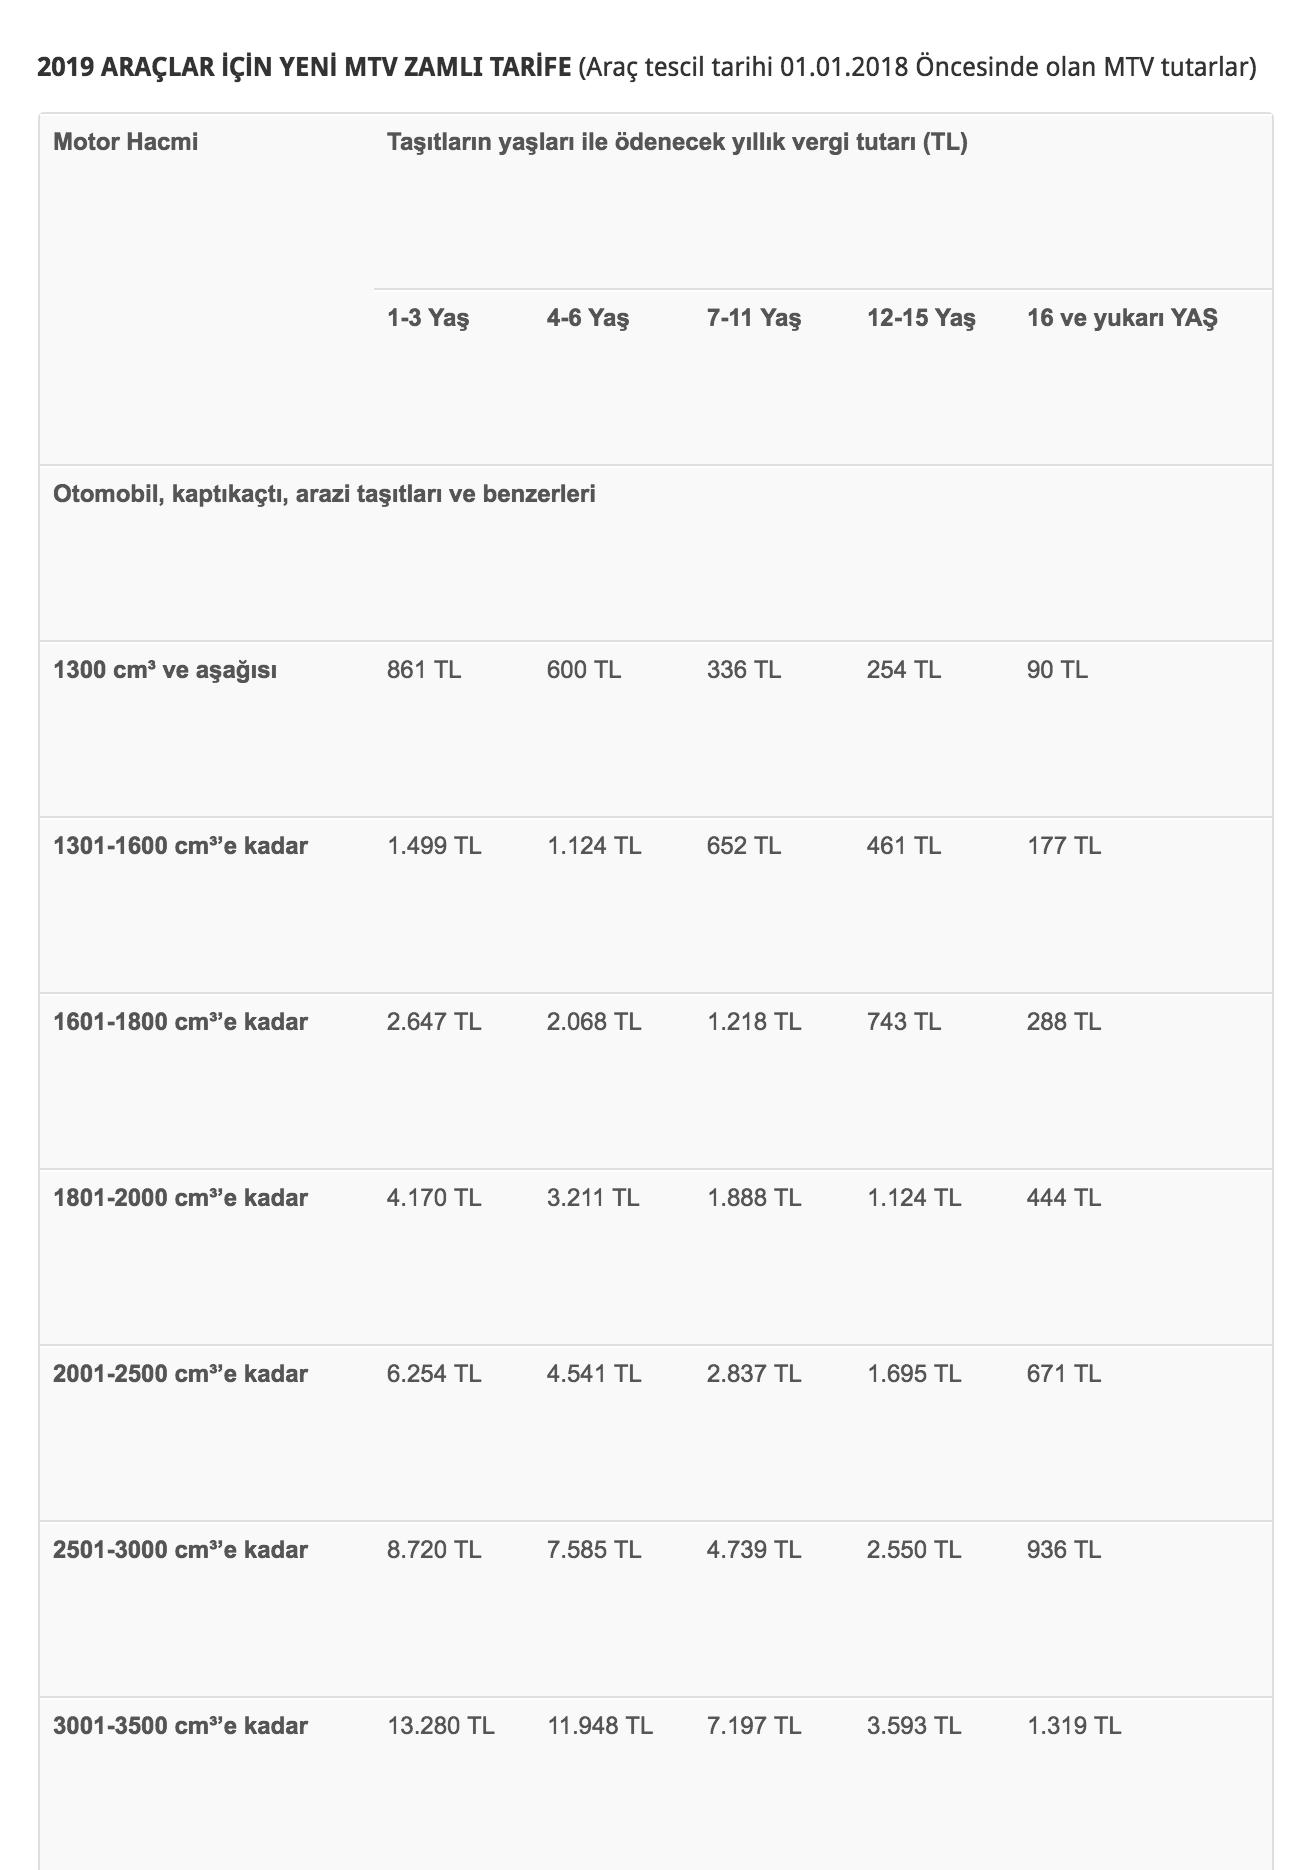 Таблица расчета налога на авто. В первой левой колонке — объем двигателя, сверху — возраст машины